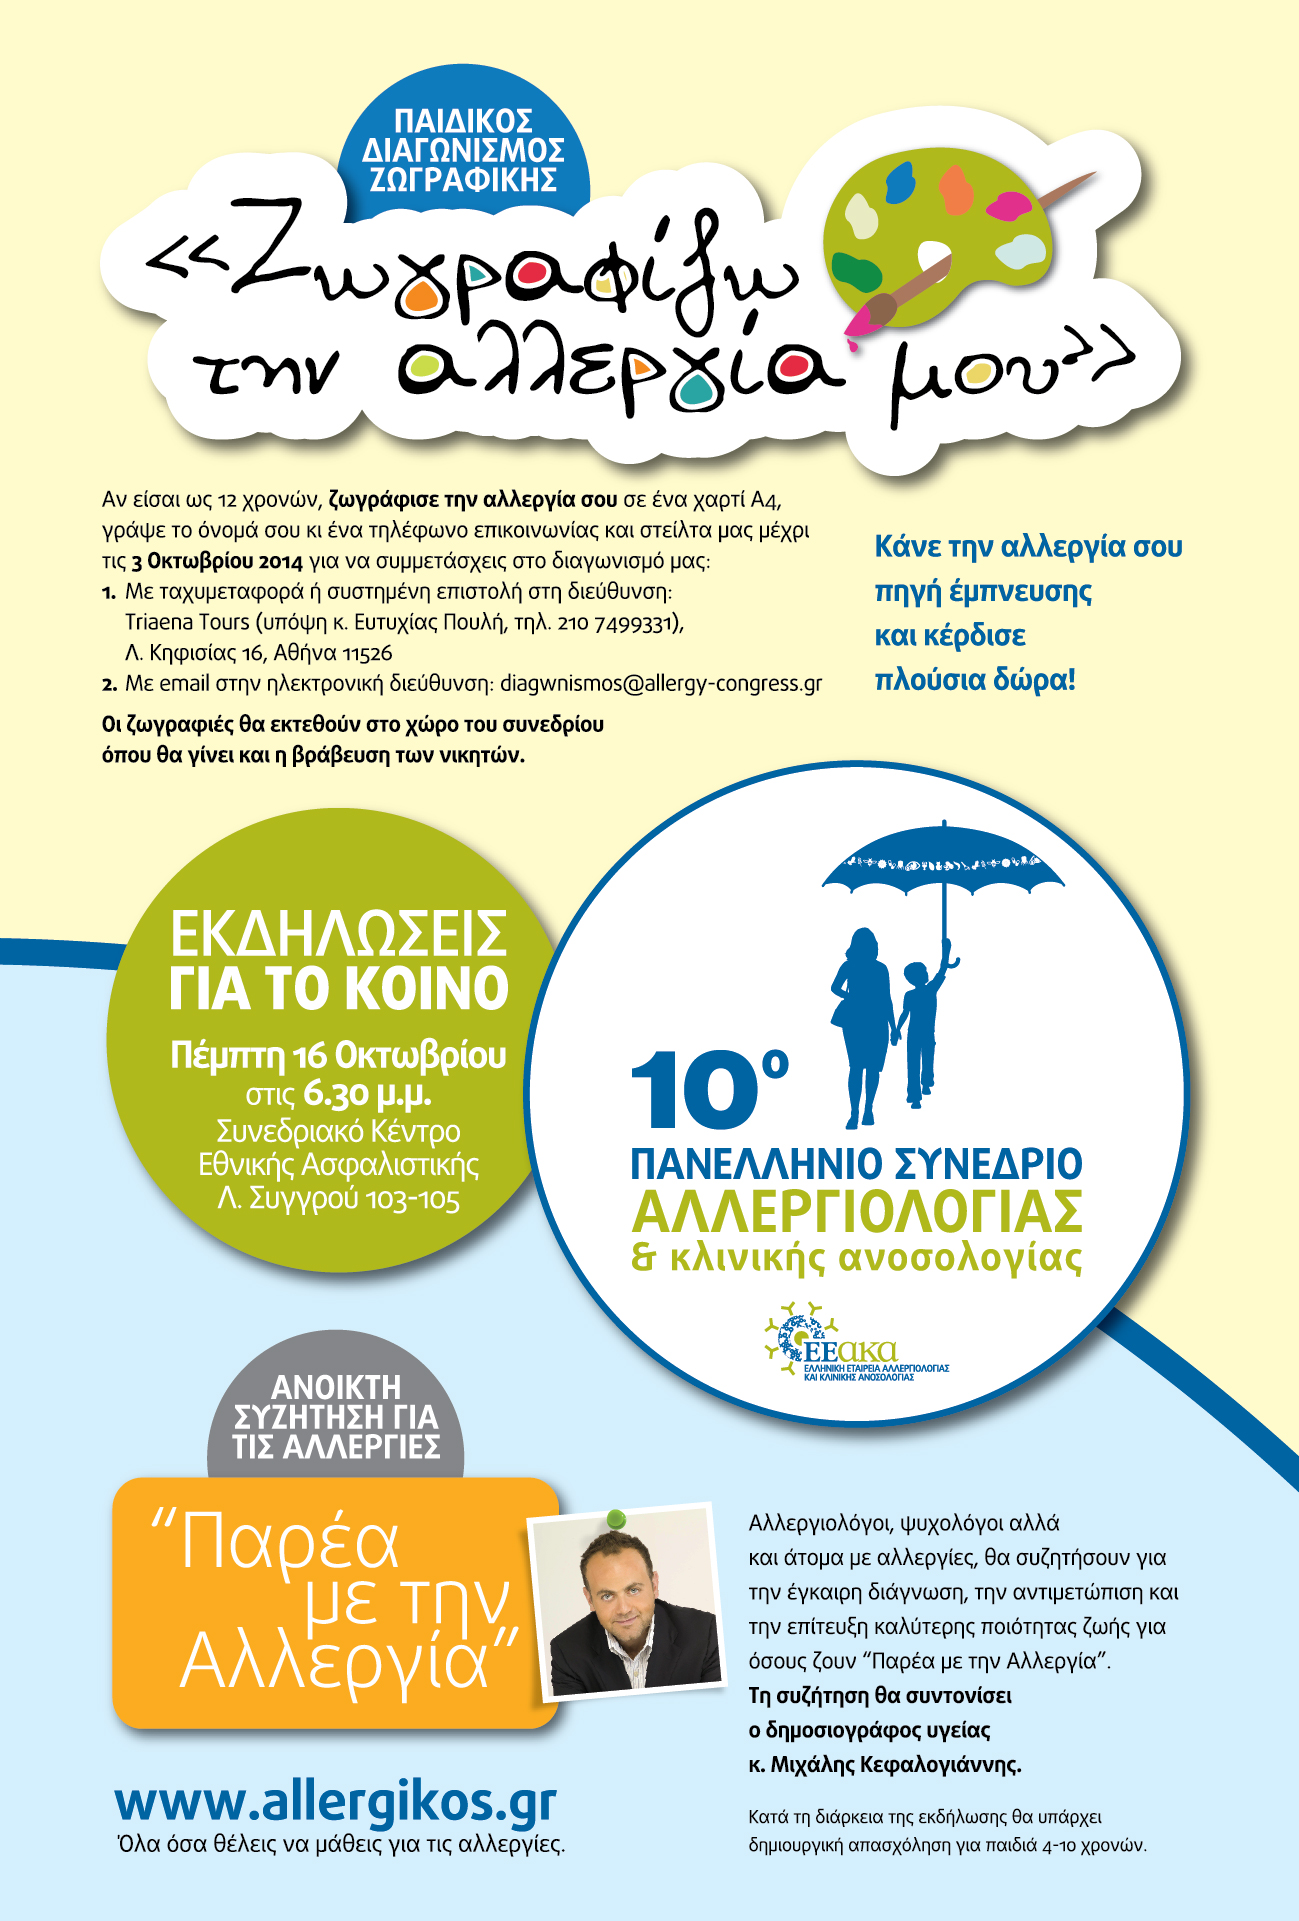 Εκδηλώσεις στο Πανελλήνιο Αλλεργιολογικό Συνέδριο